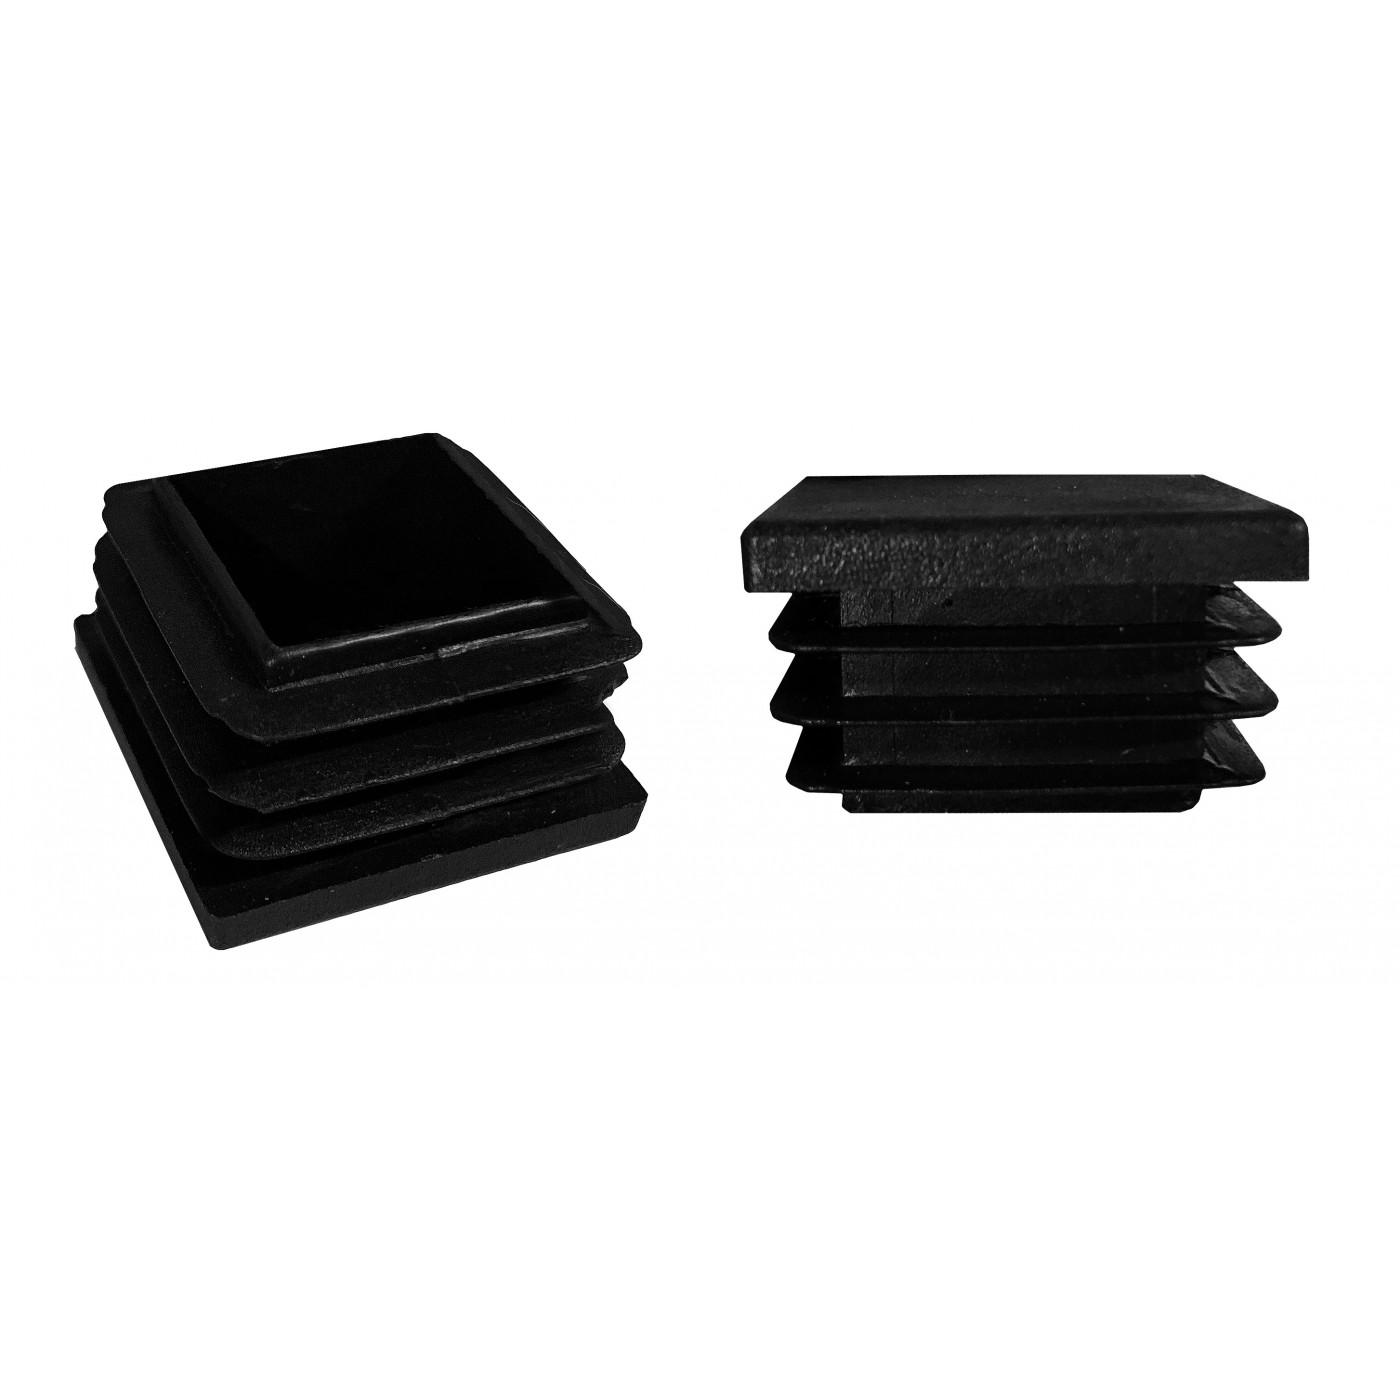 Jeu de 32 couvre-pieds de chaise en plastique (intérieur, carré, 40x40 mm, noir) [I-SQ-40x40-B]  - 1